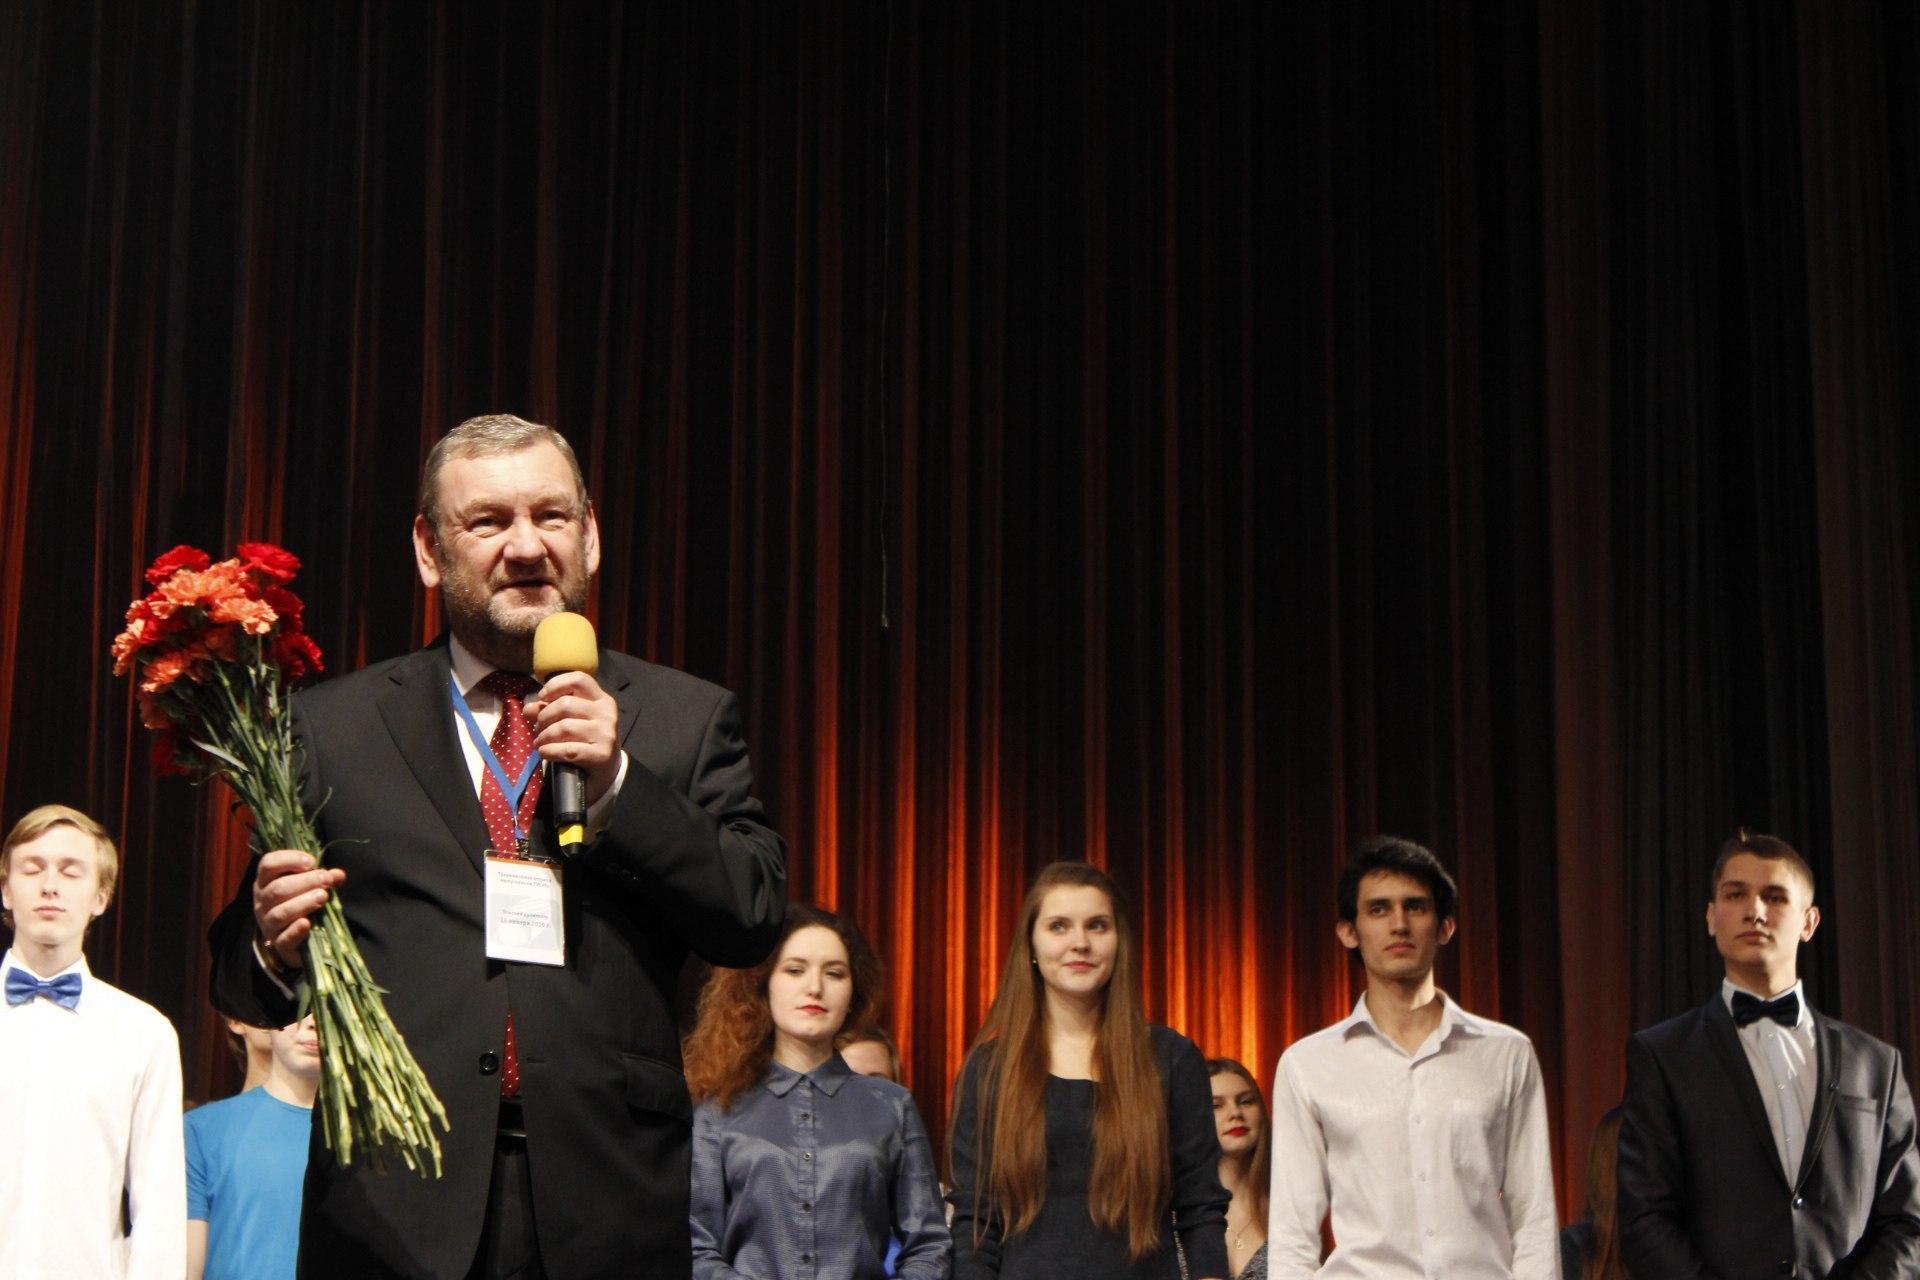 ВТеатре Драмы состоялась встреча выпускников ТУСУР